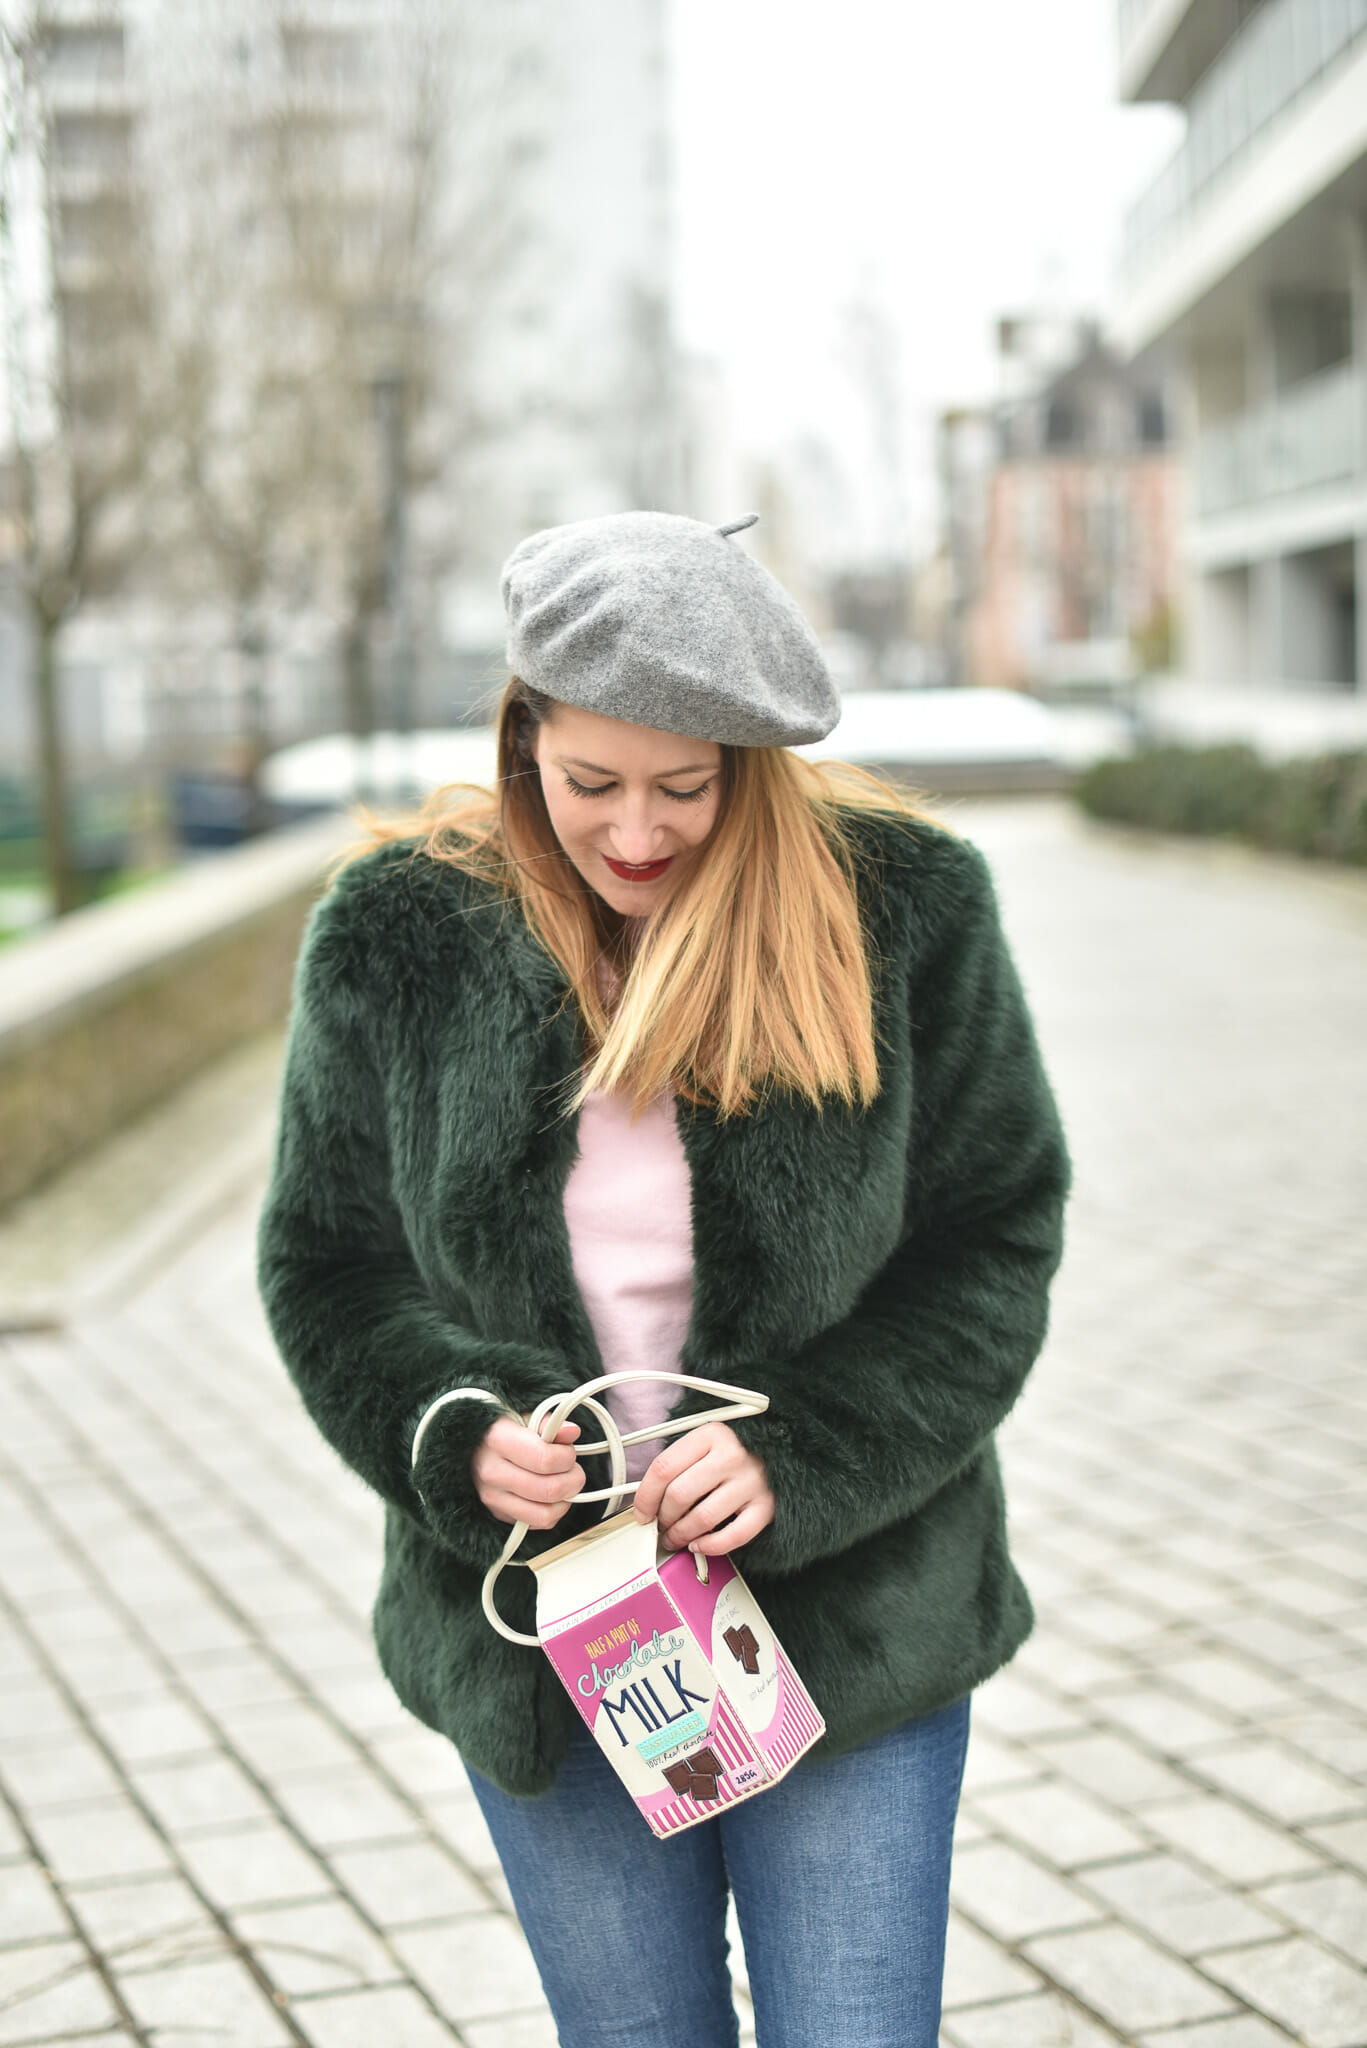 sac original et manteau moumoute